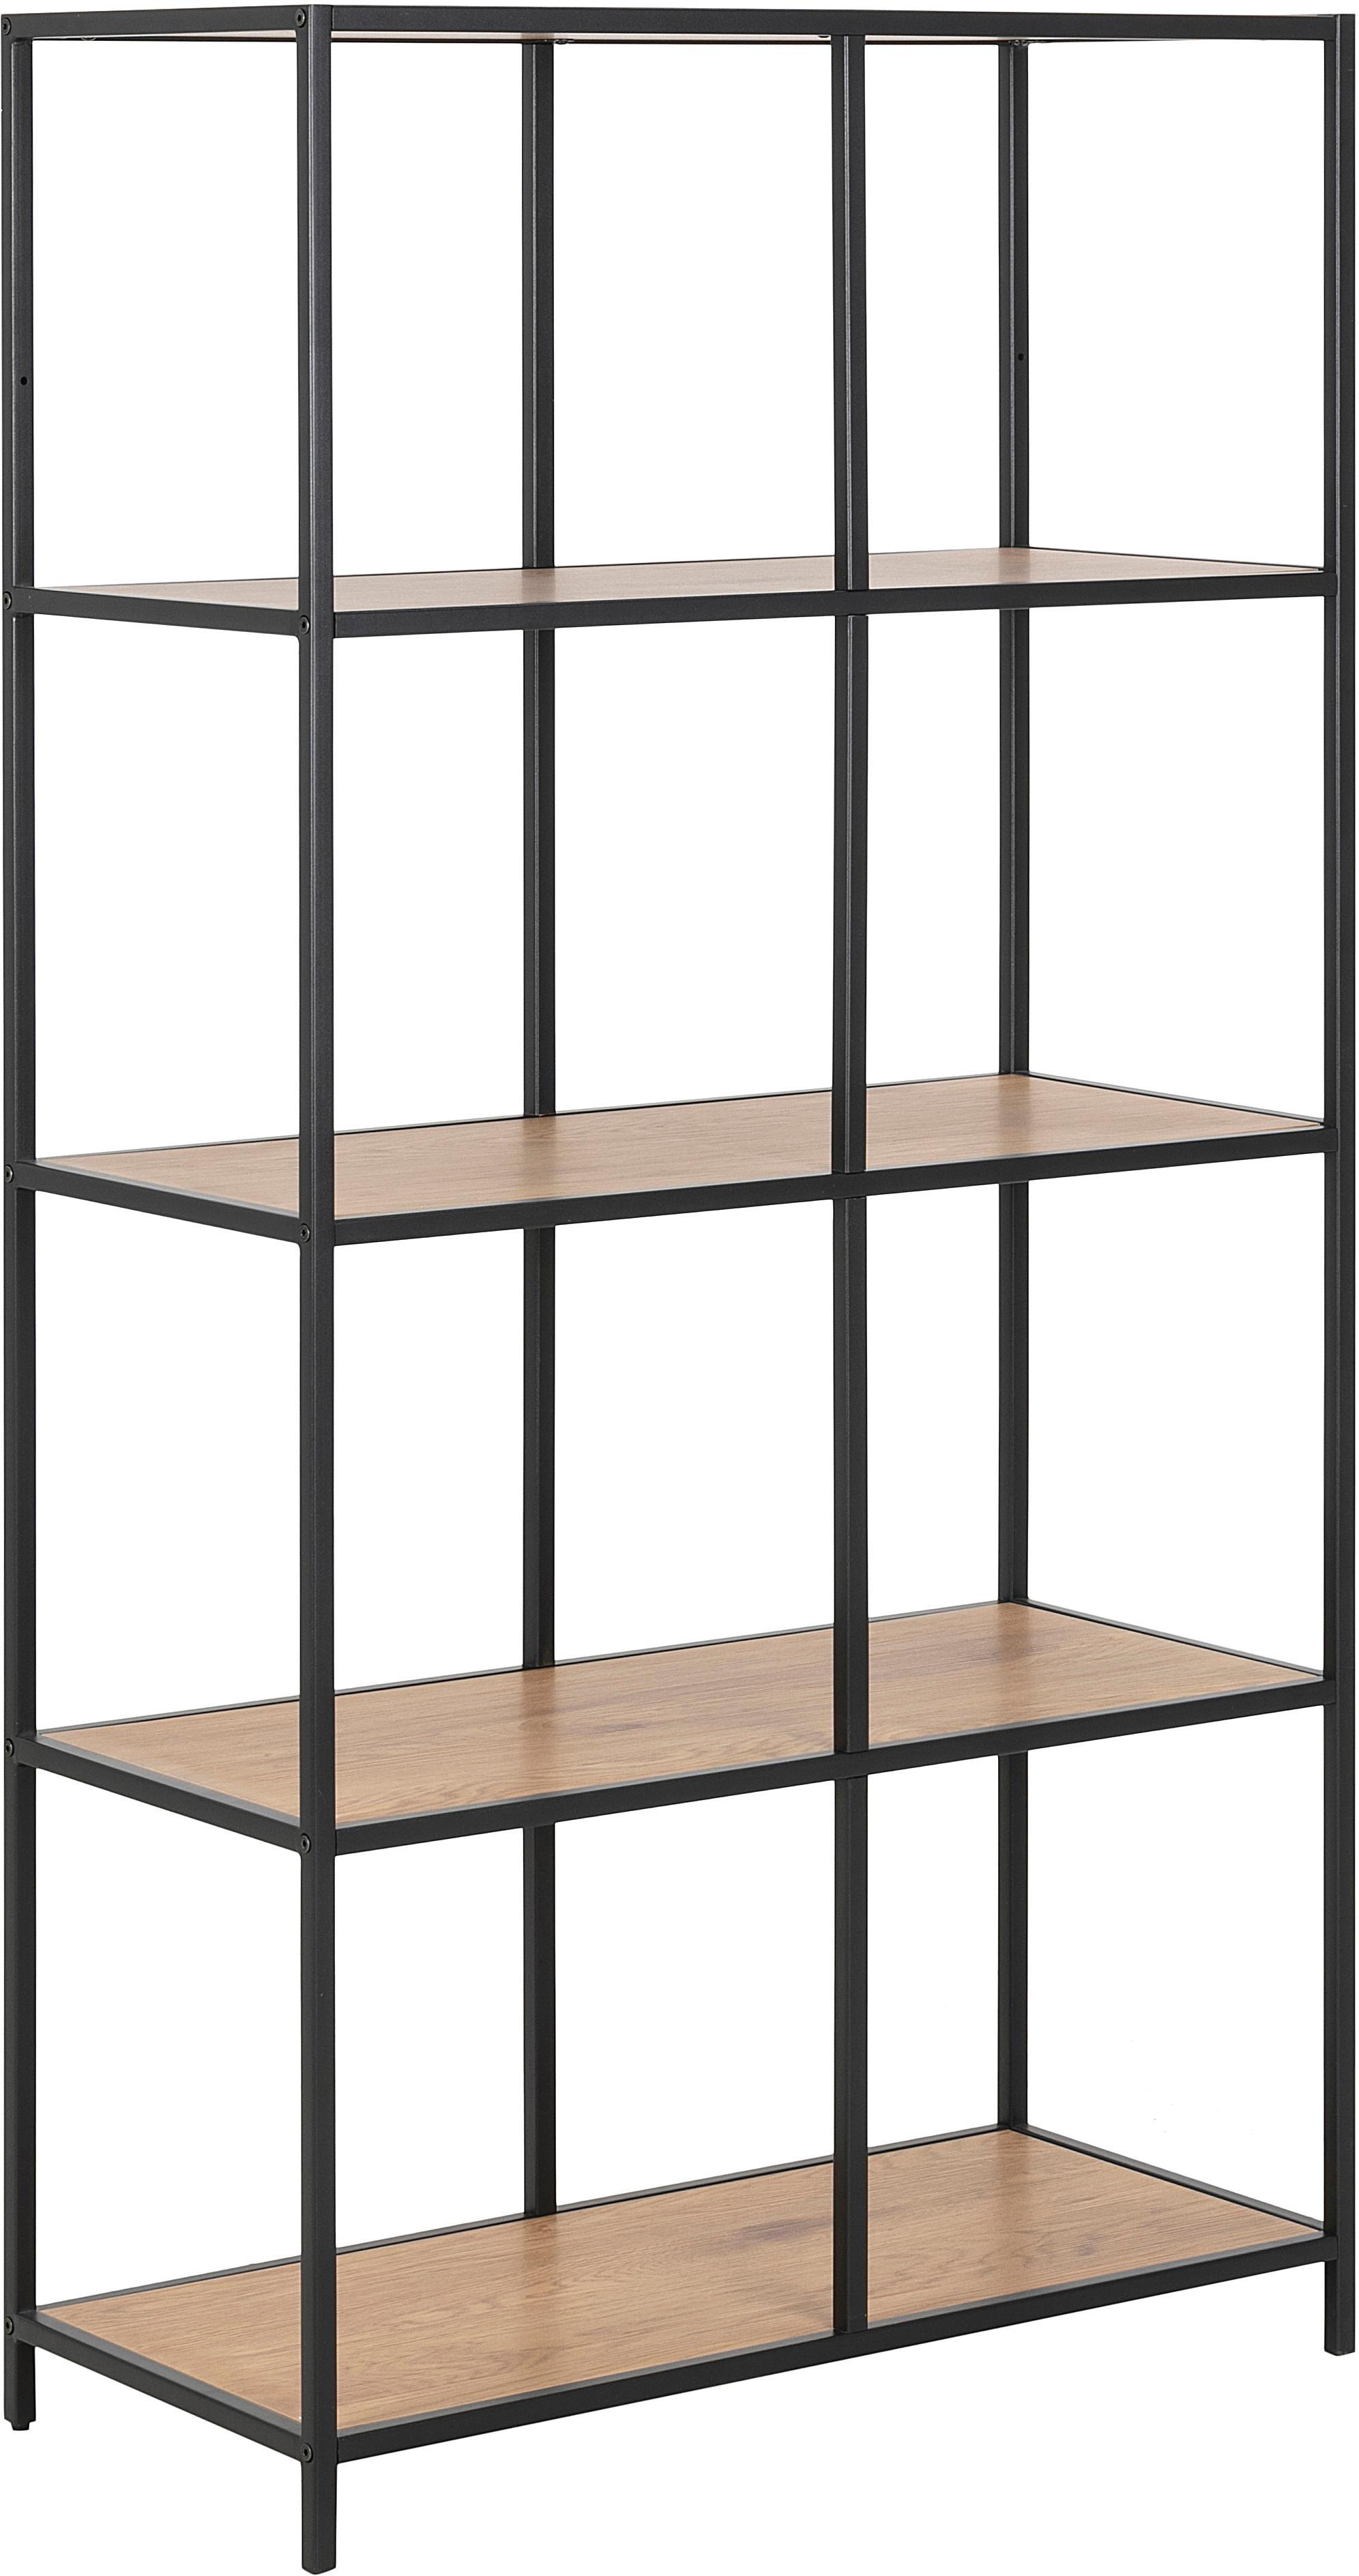 Estantería de madera y metal Seaford, Estantería: tablero de fibras de dens, Estructura: metal con pintura en polv, Marrón, An 77 x Al 150 cm